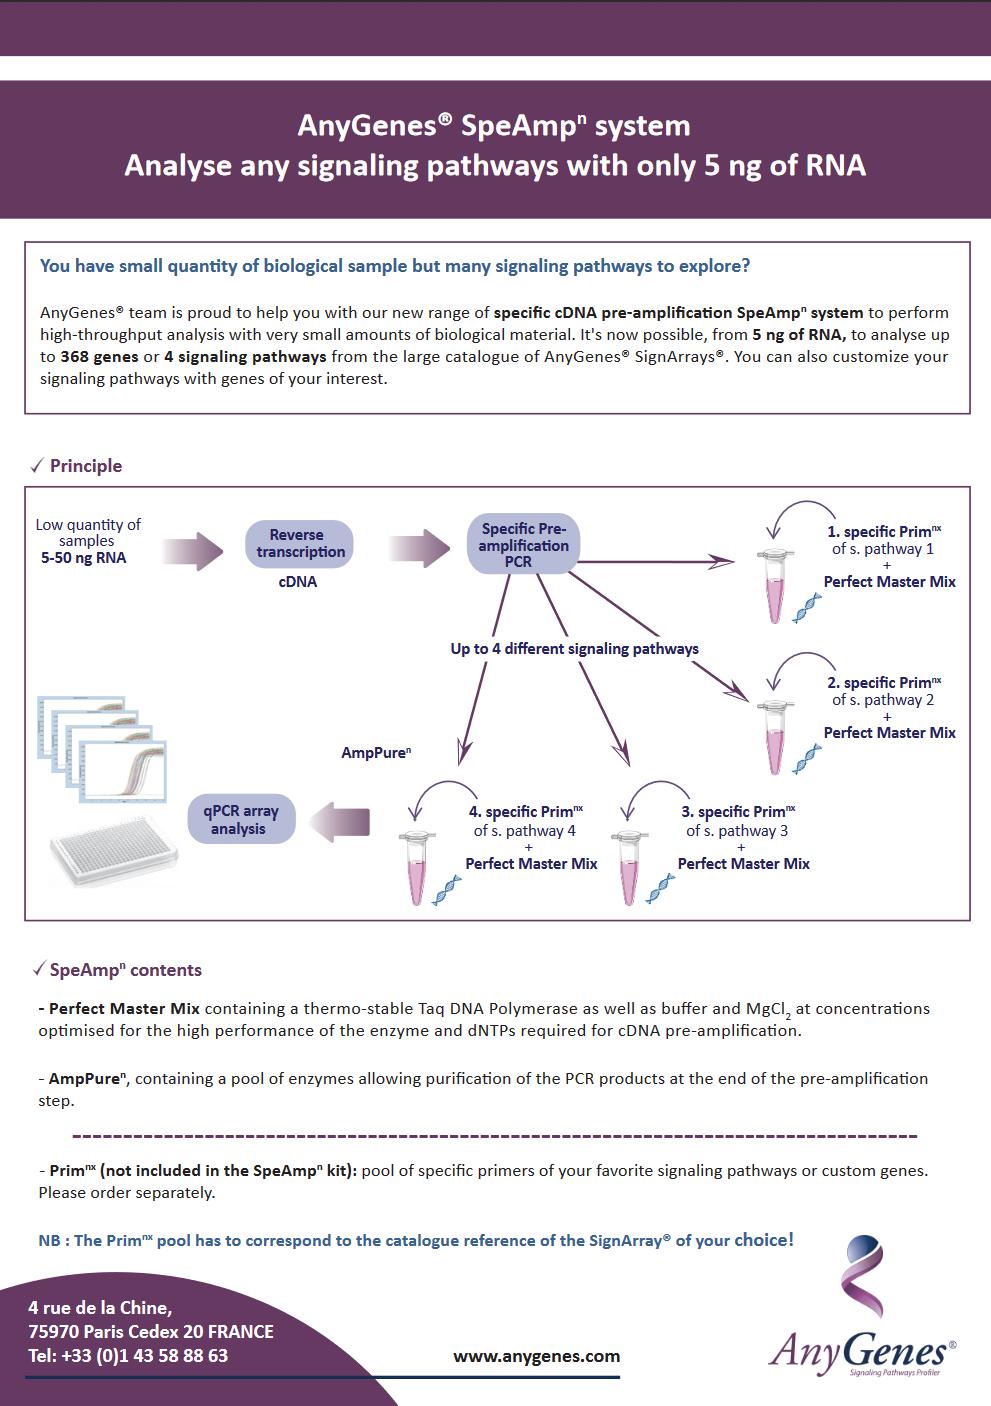 signaling pathways flayer 1